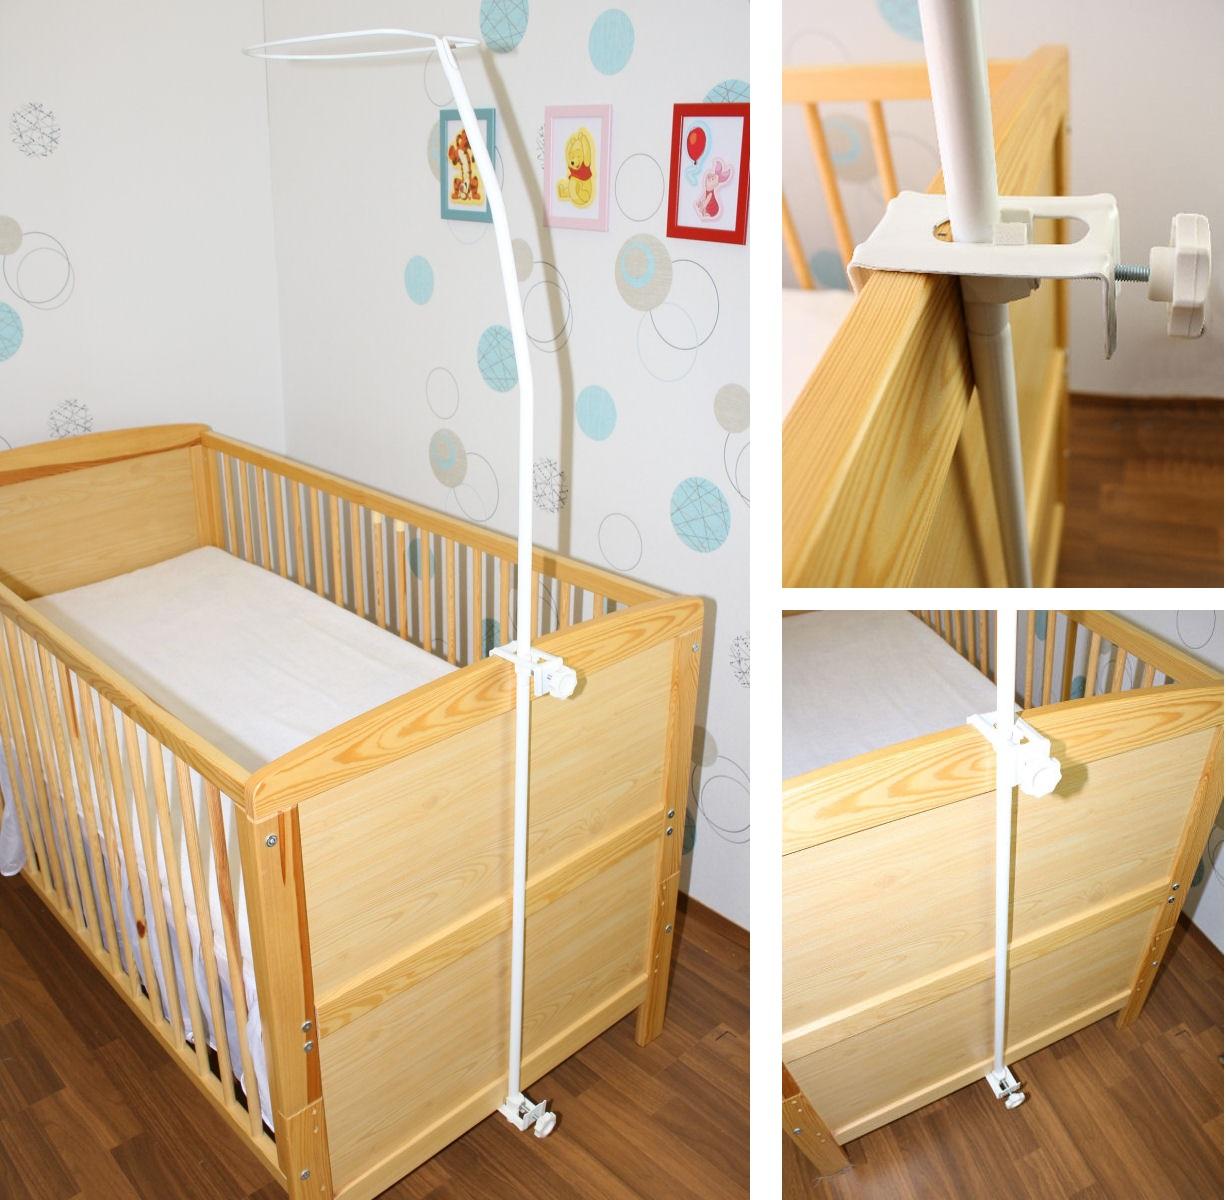 himmelstange stange f r kinderbett babybett gitterbett ebay. Black Bedroom Furniture Sets. Home Design Ideas